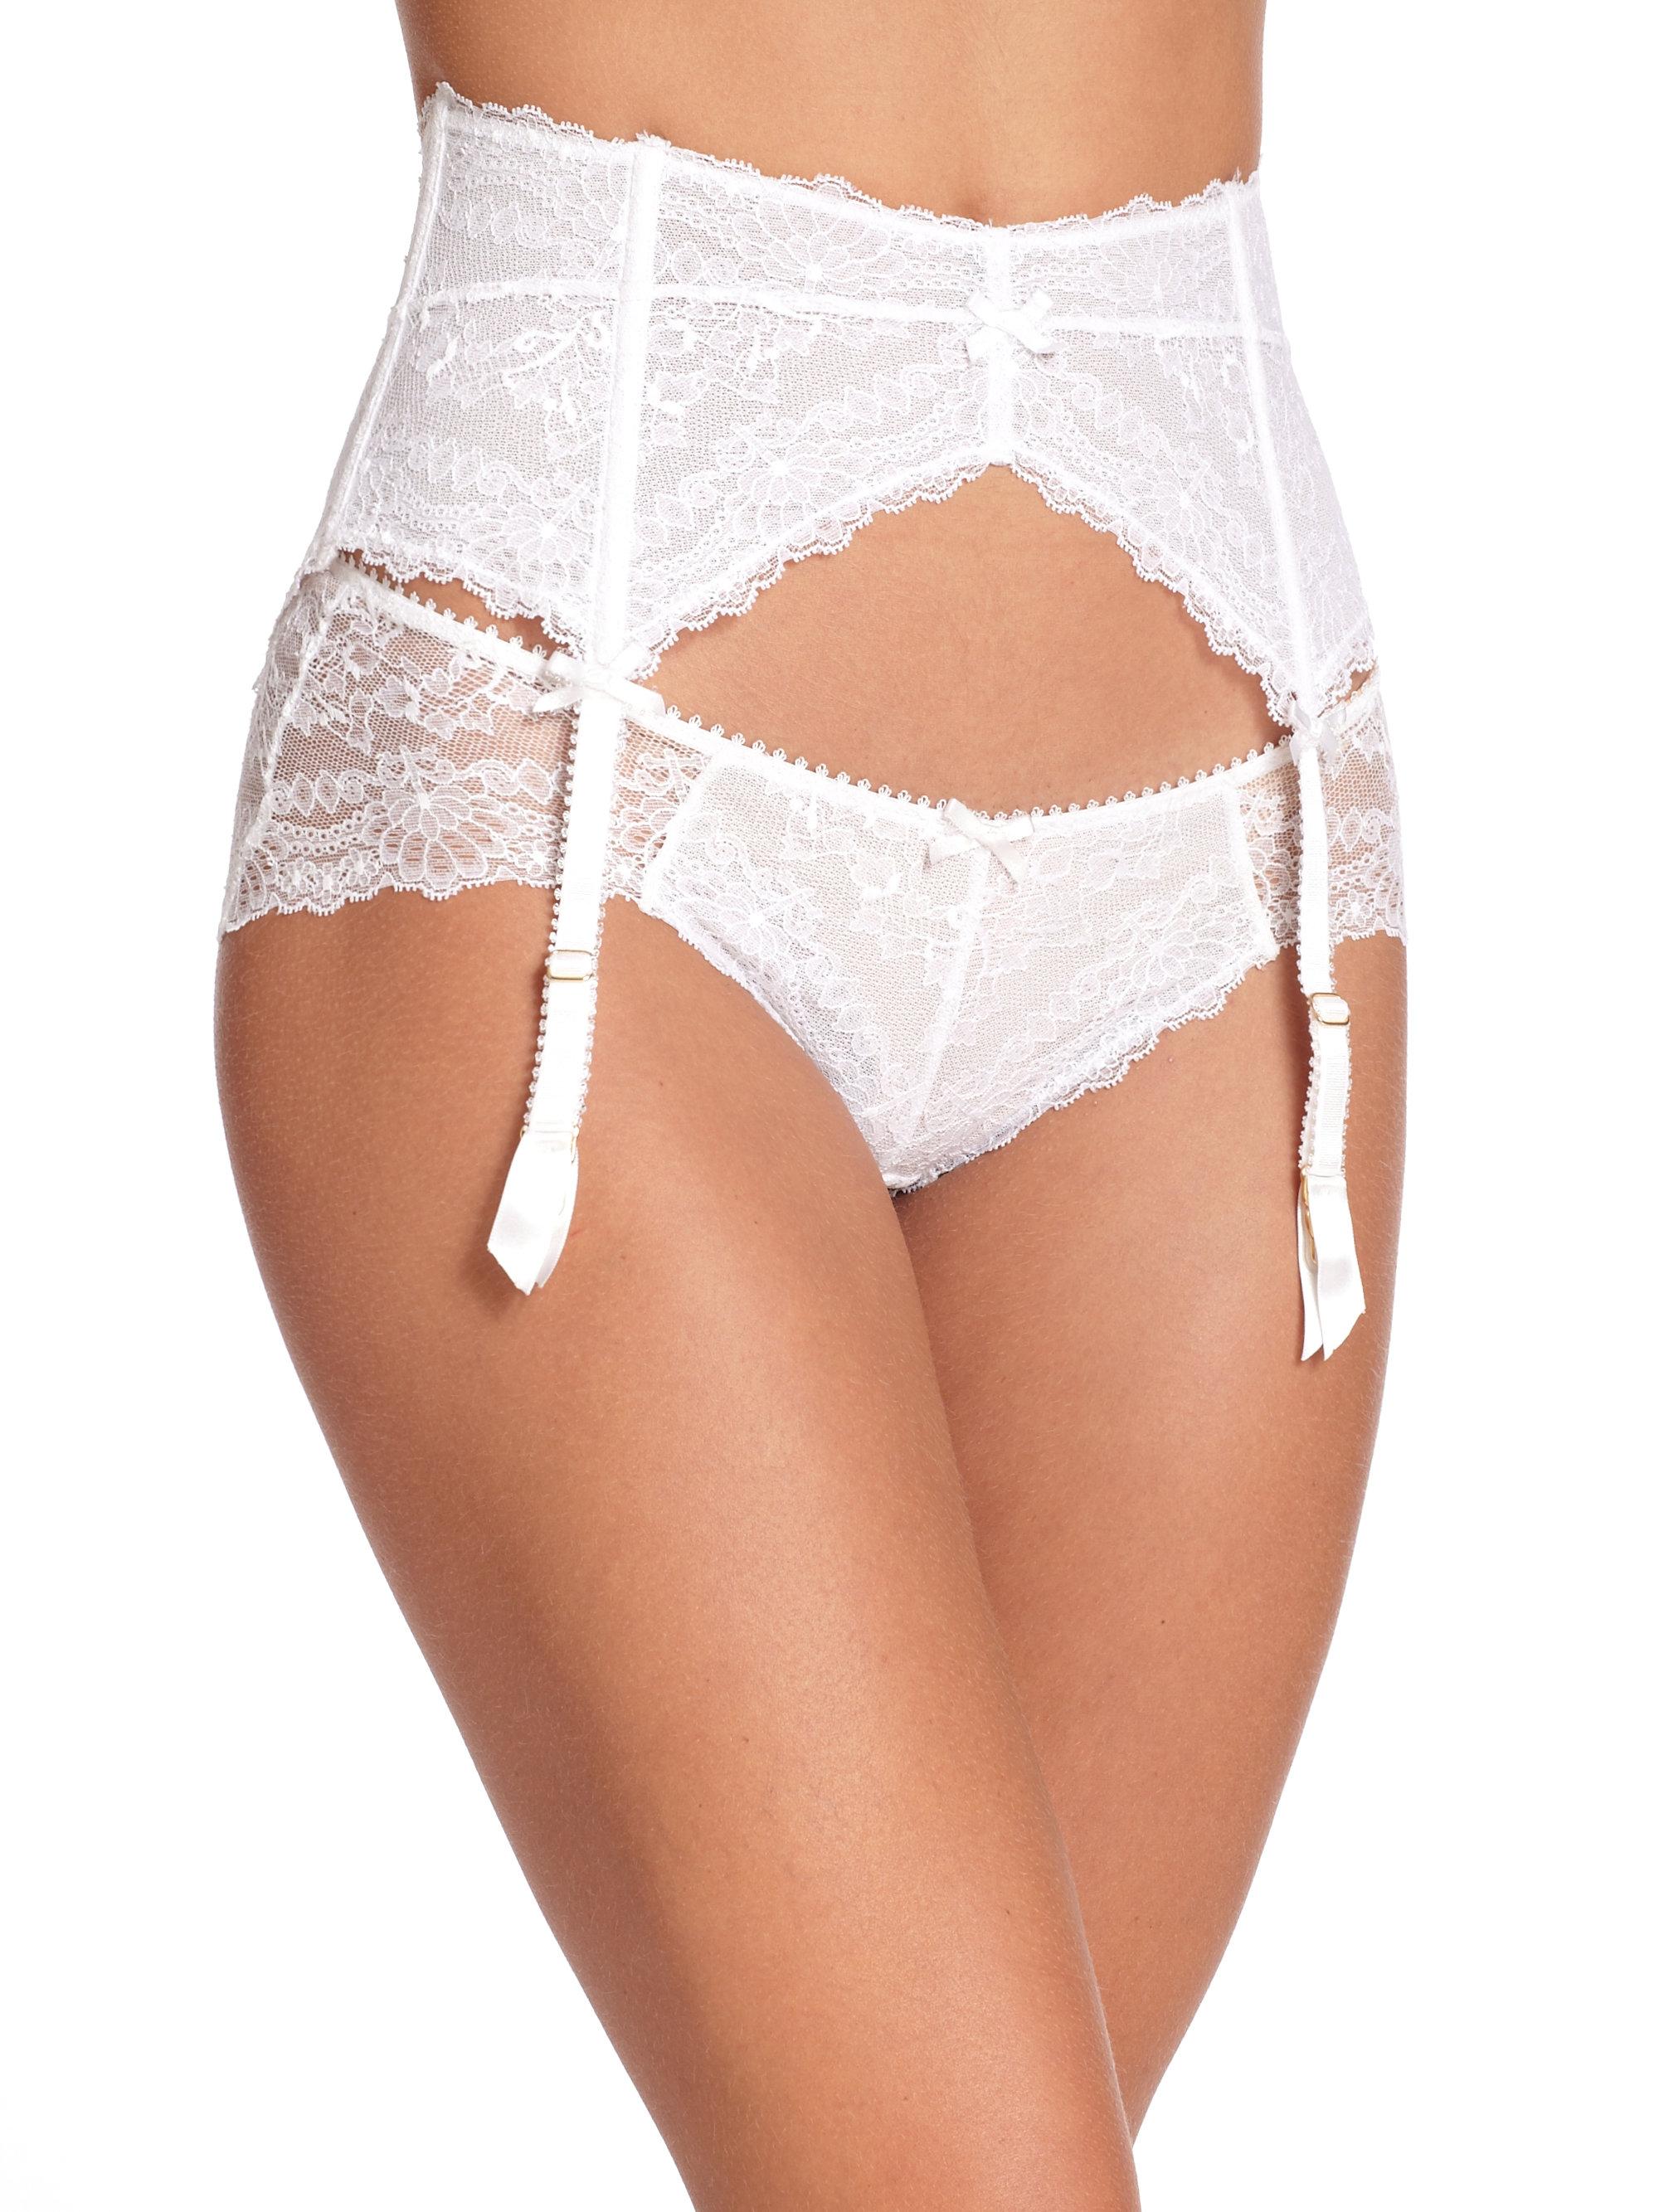 2cd276101 Myla Nicole Suspender Garter Belt in White - Lyst